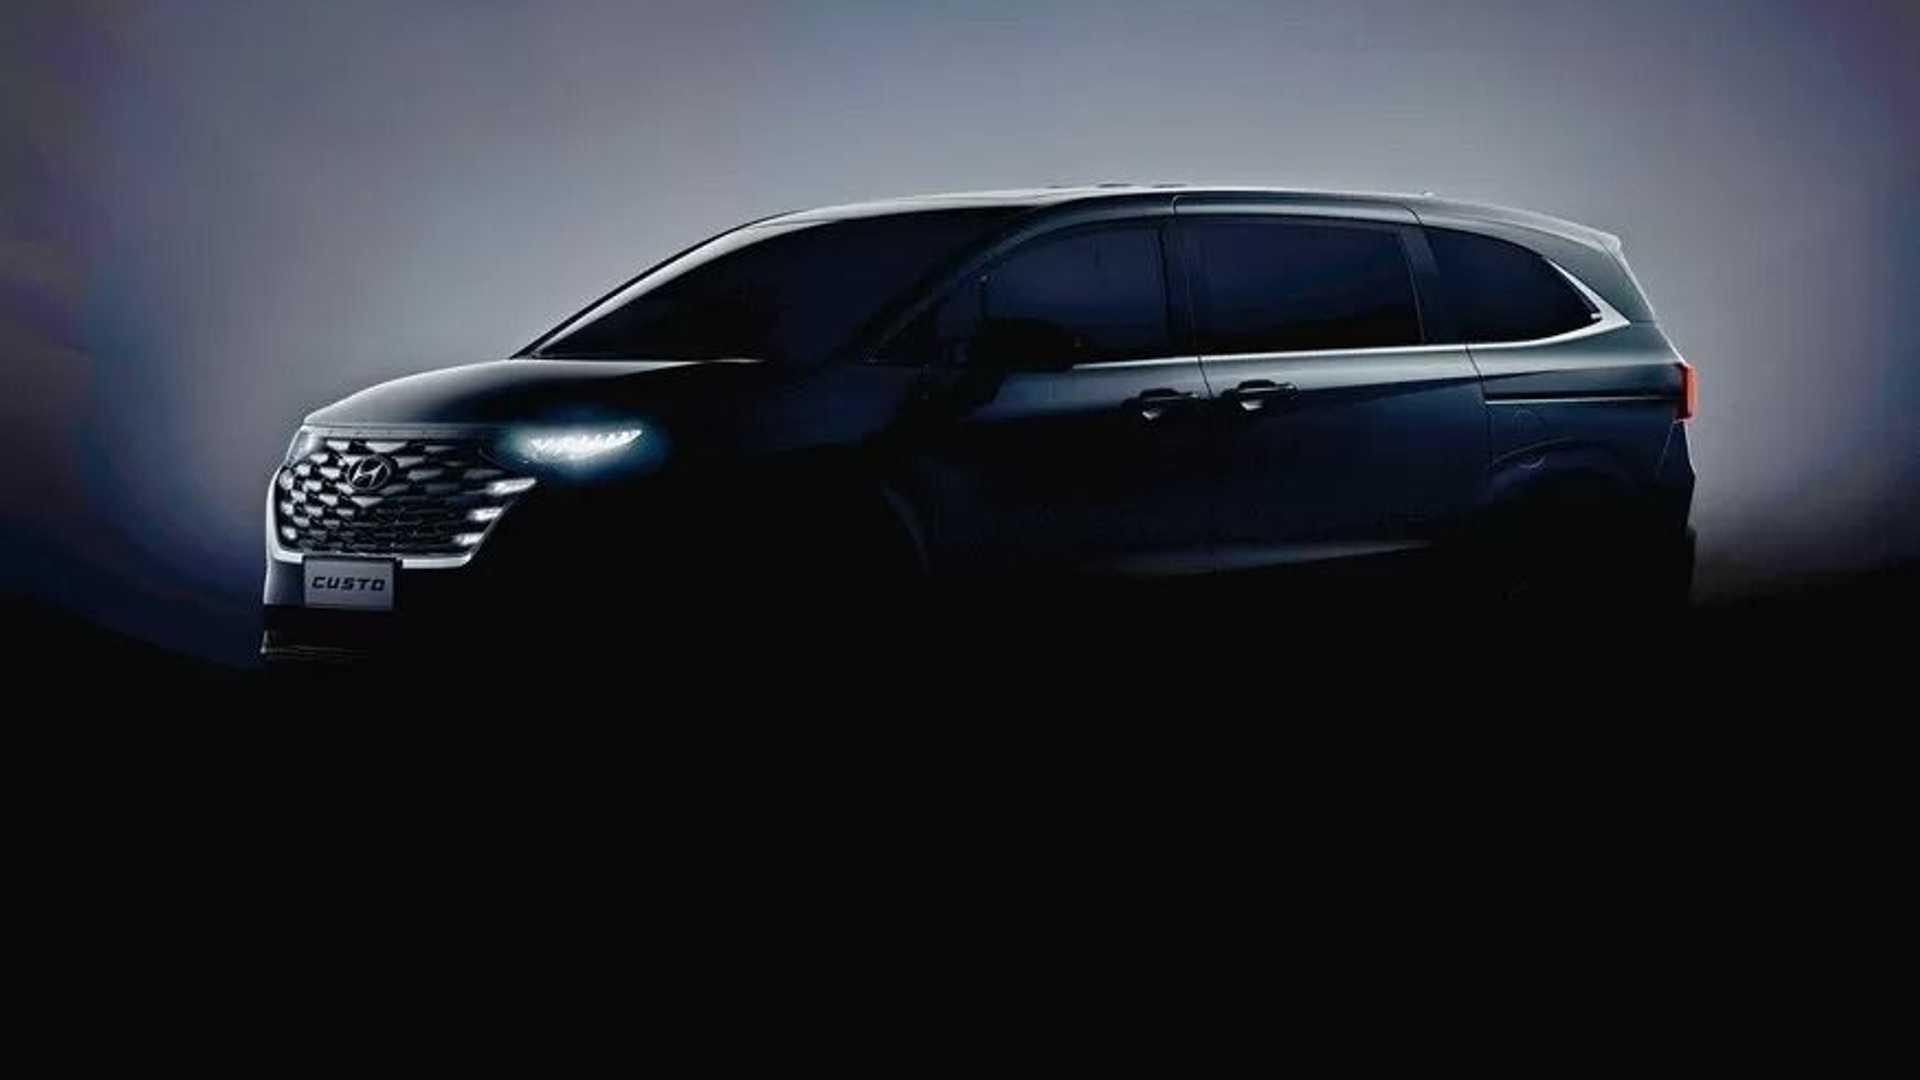 Hyundai Custo - 'Tucson 7 chỗ' chính thức lộ diện, đấu Kia Carnival - Ảnh 1.